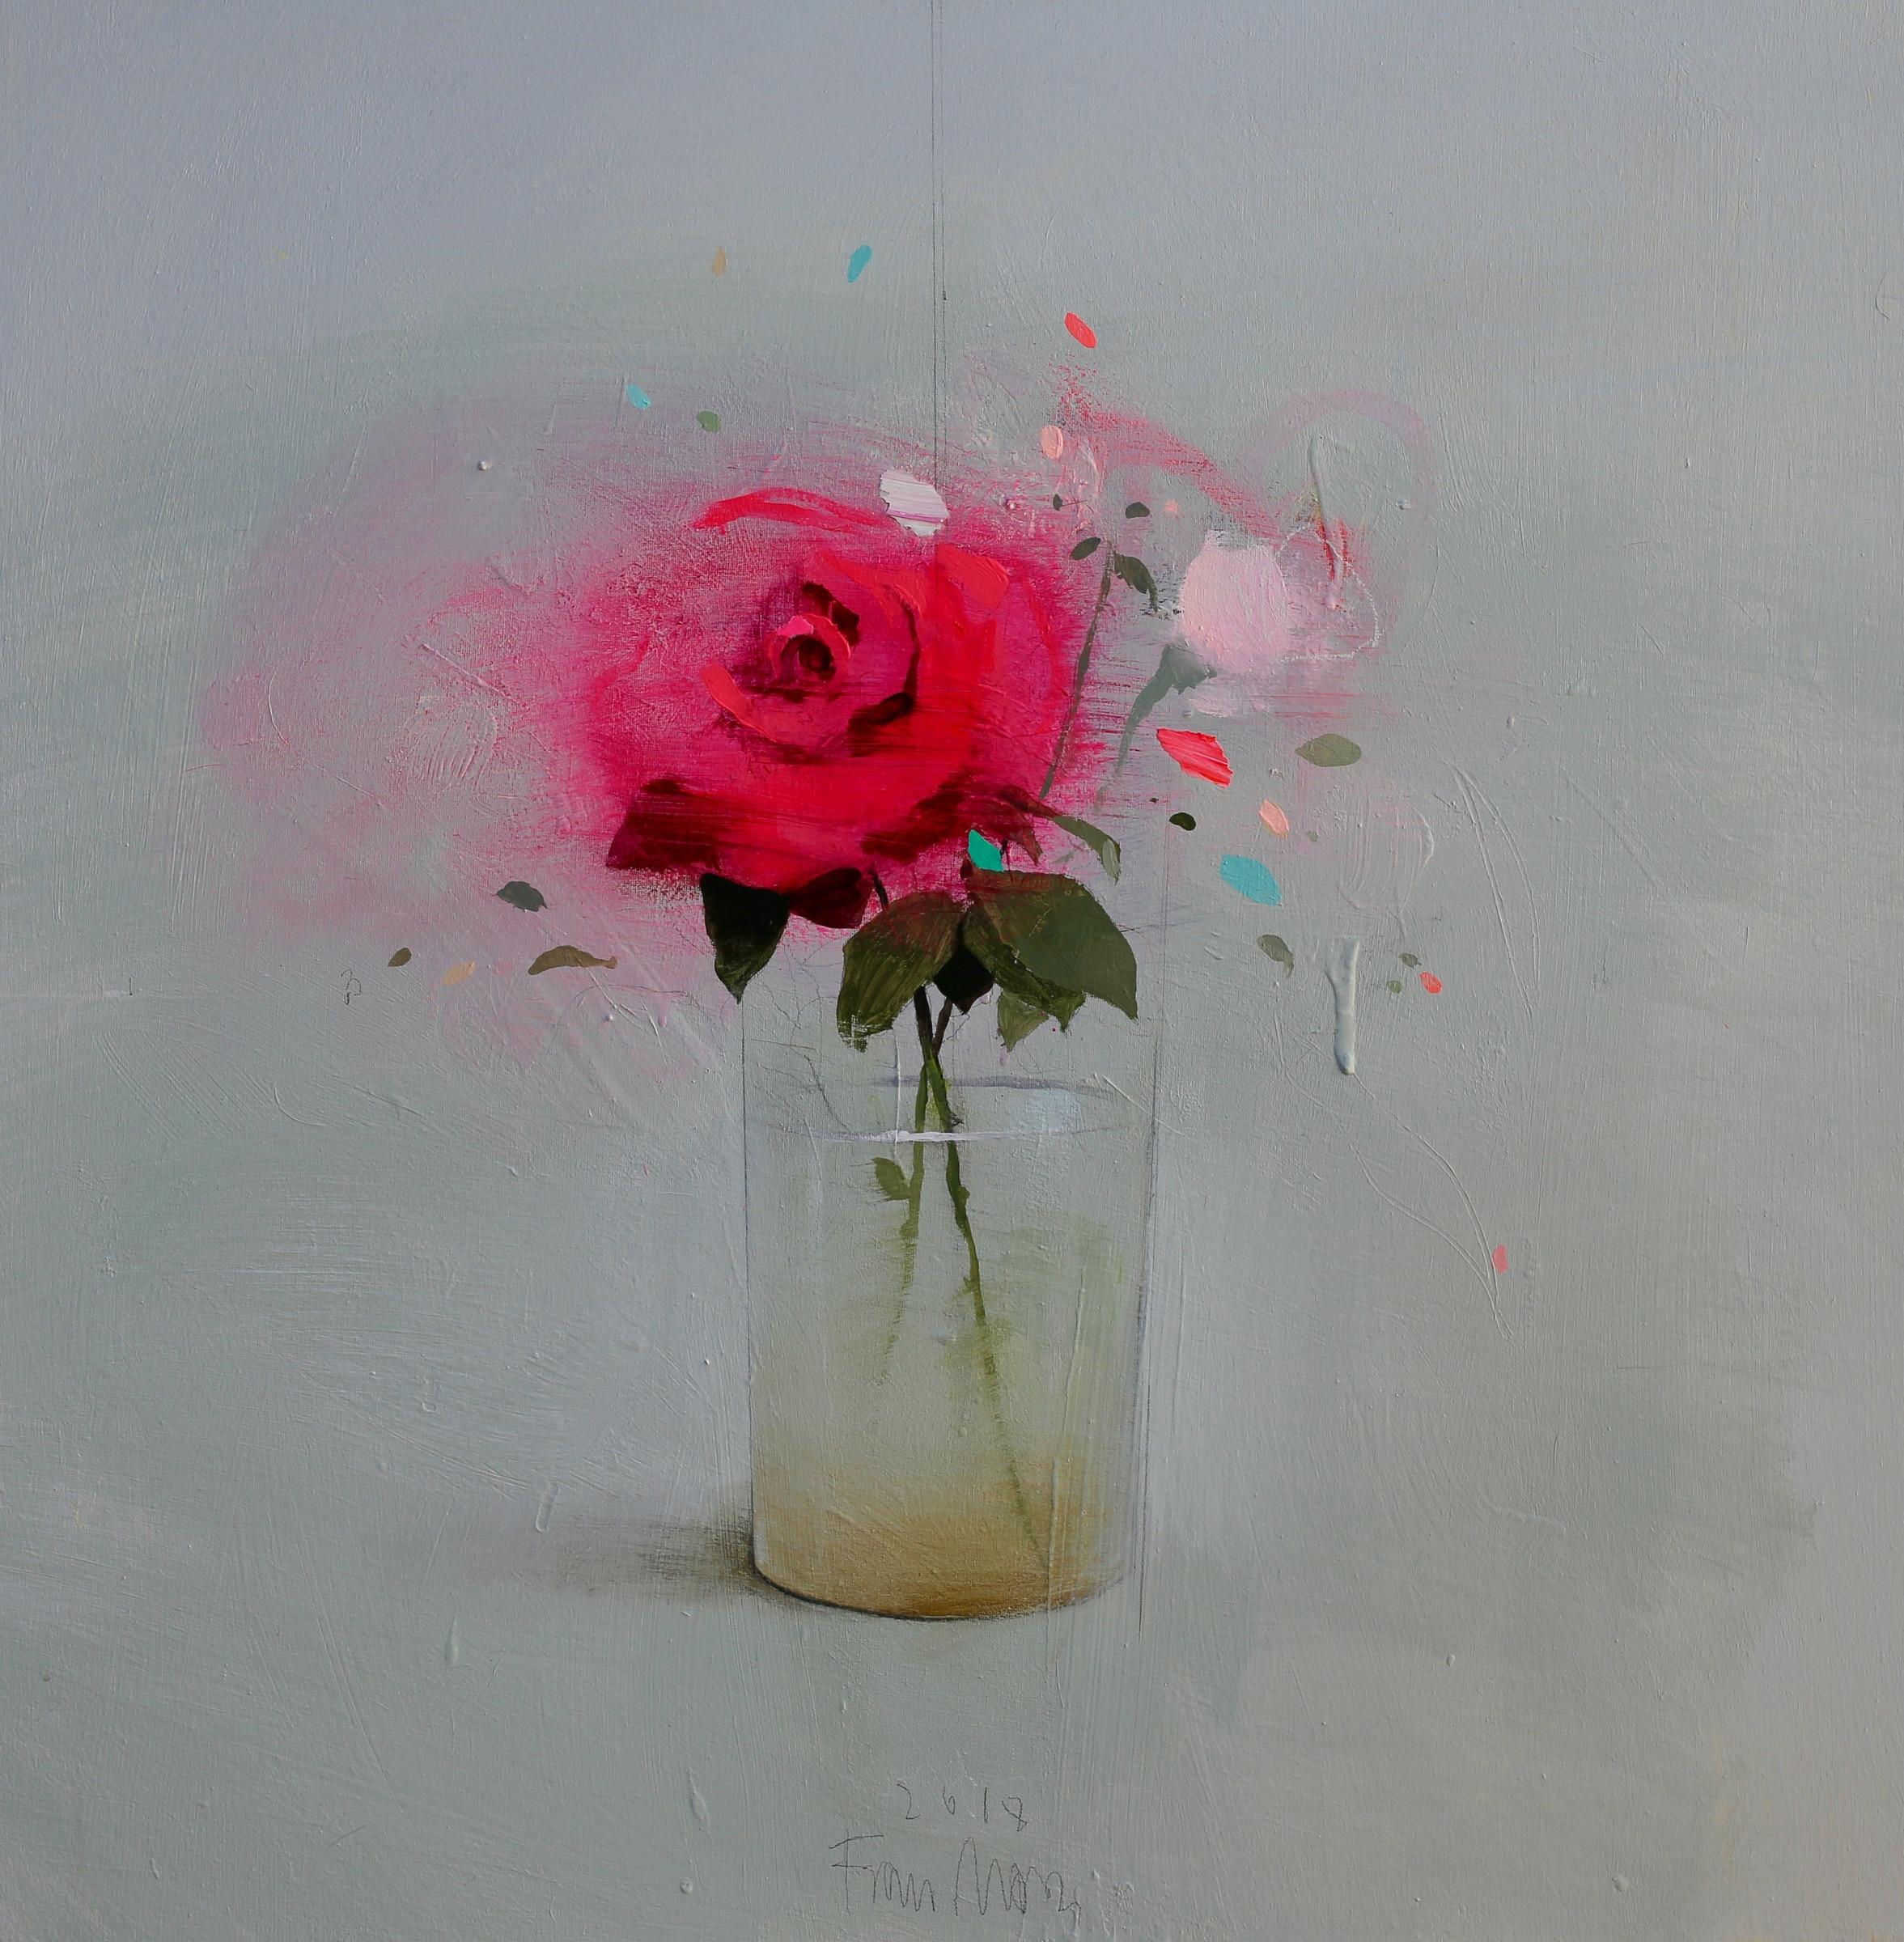 vase in spanish of fran mora single rose 2018 strange tracey within fran mora single rose 2018